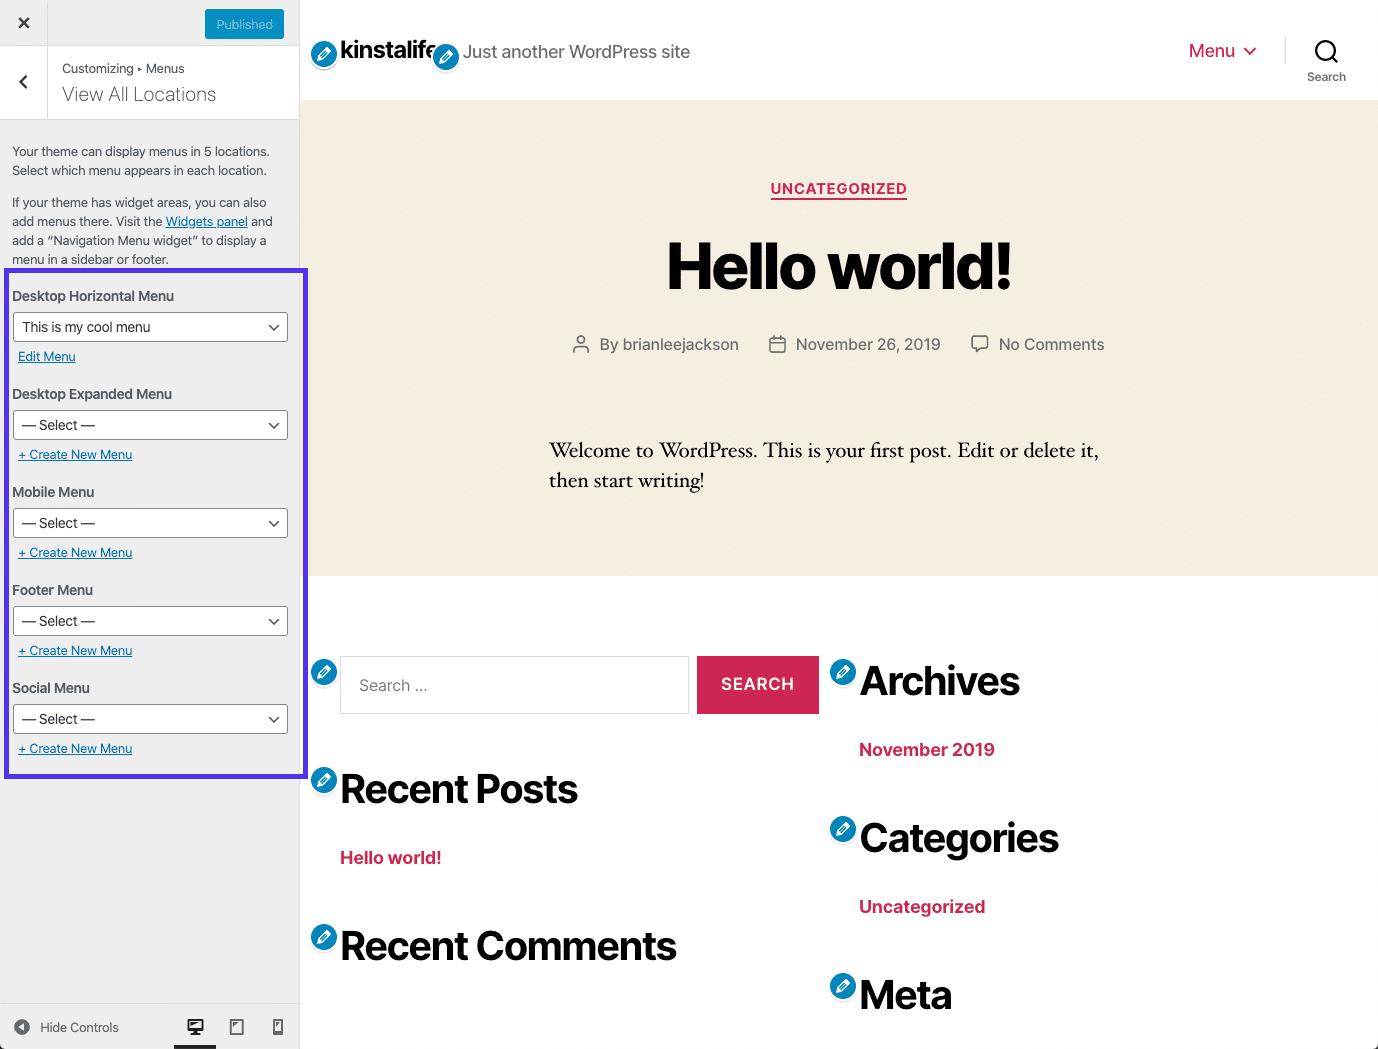 Una vista previa en vivo del menú de WordPress en el Personalizador